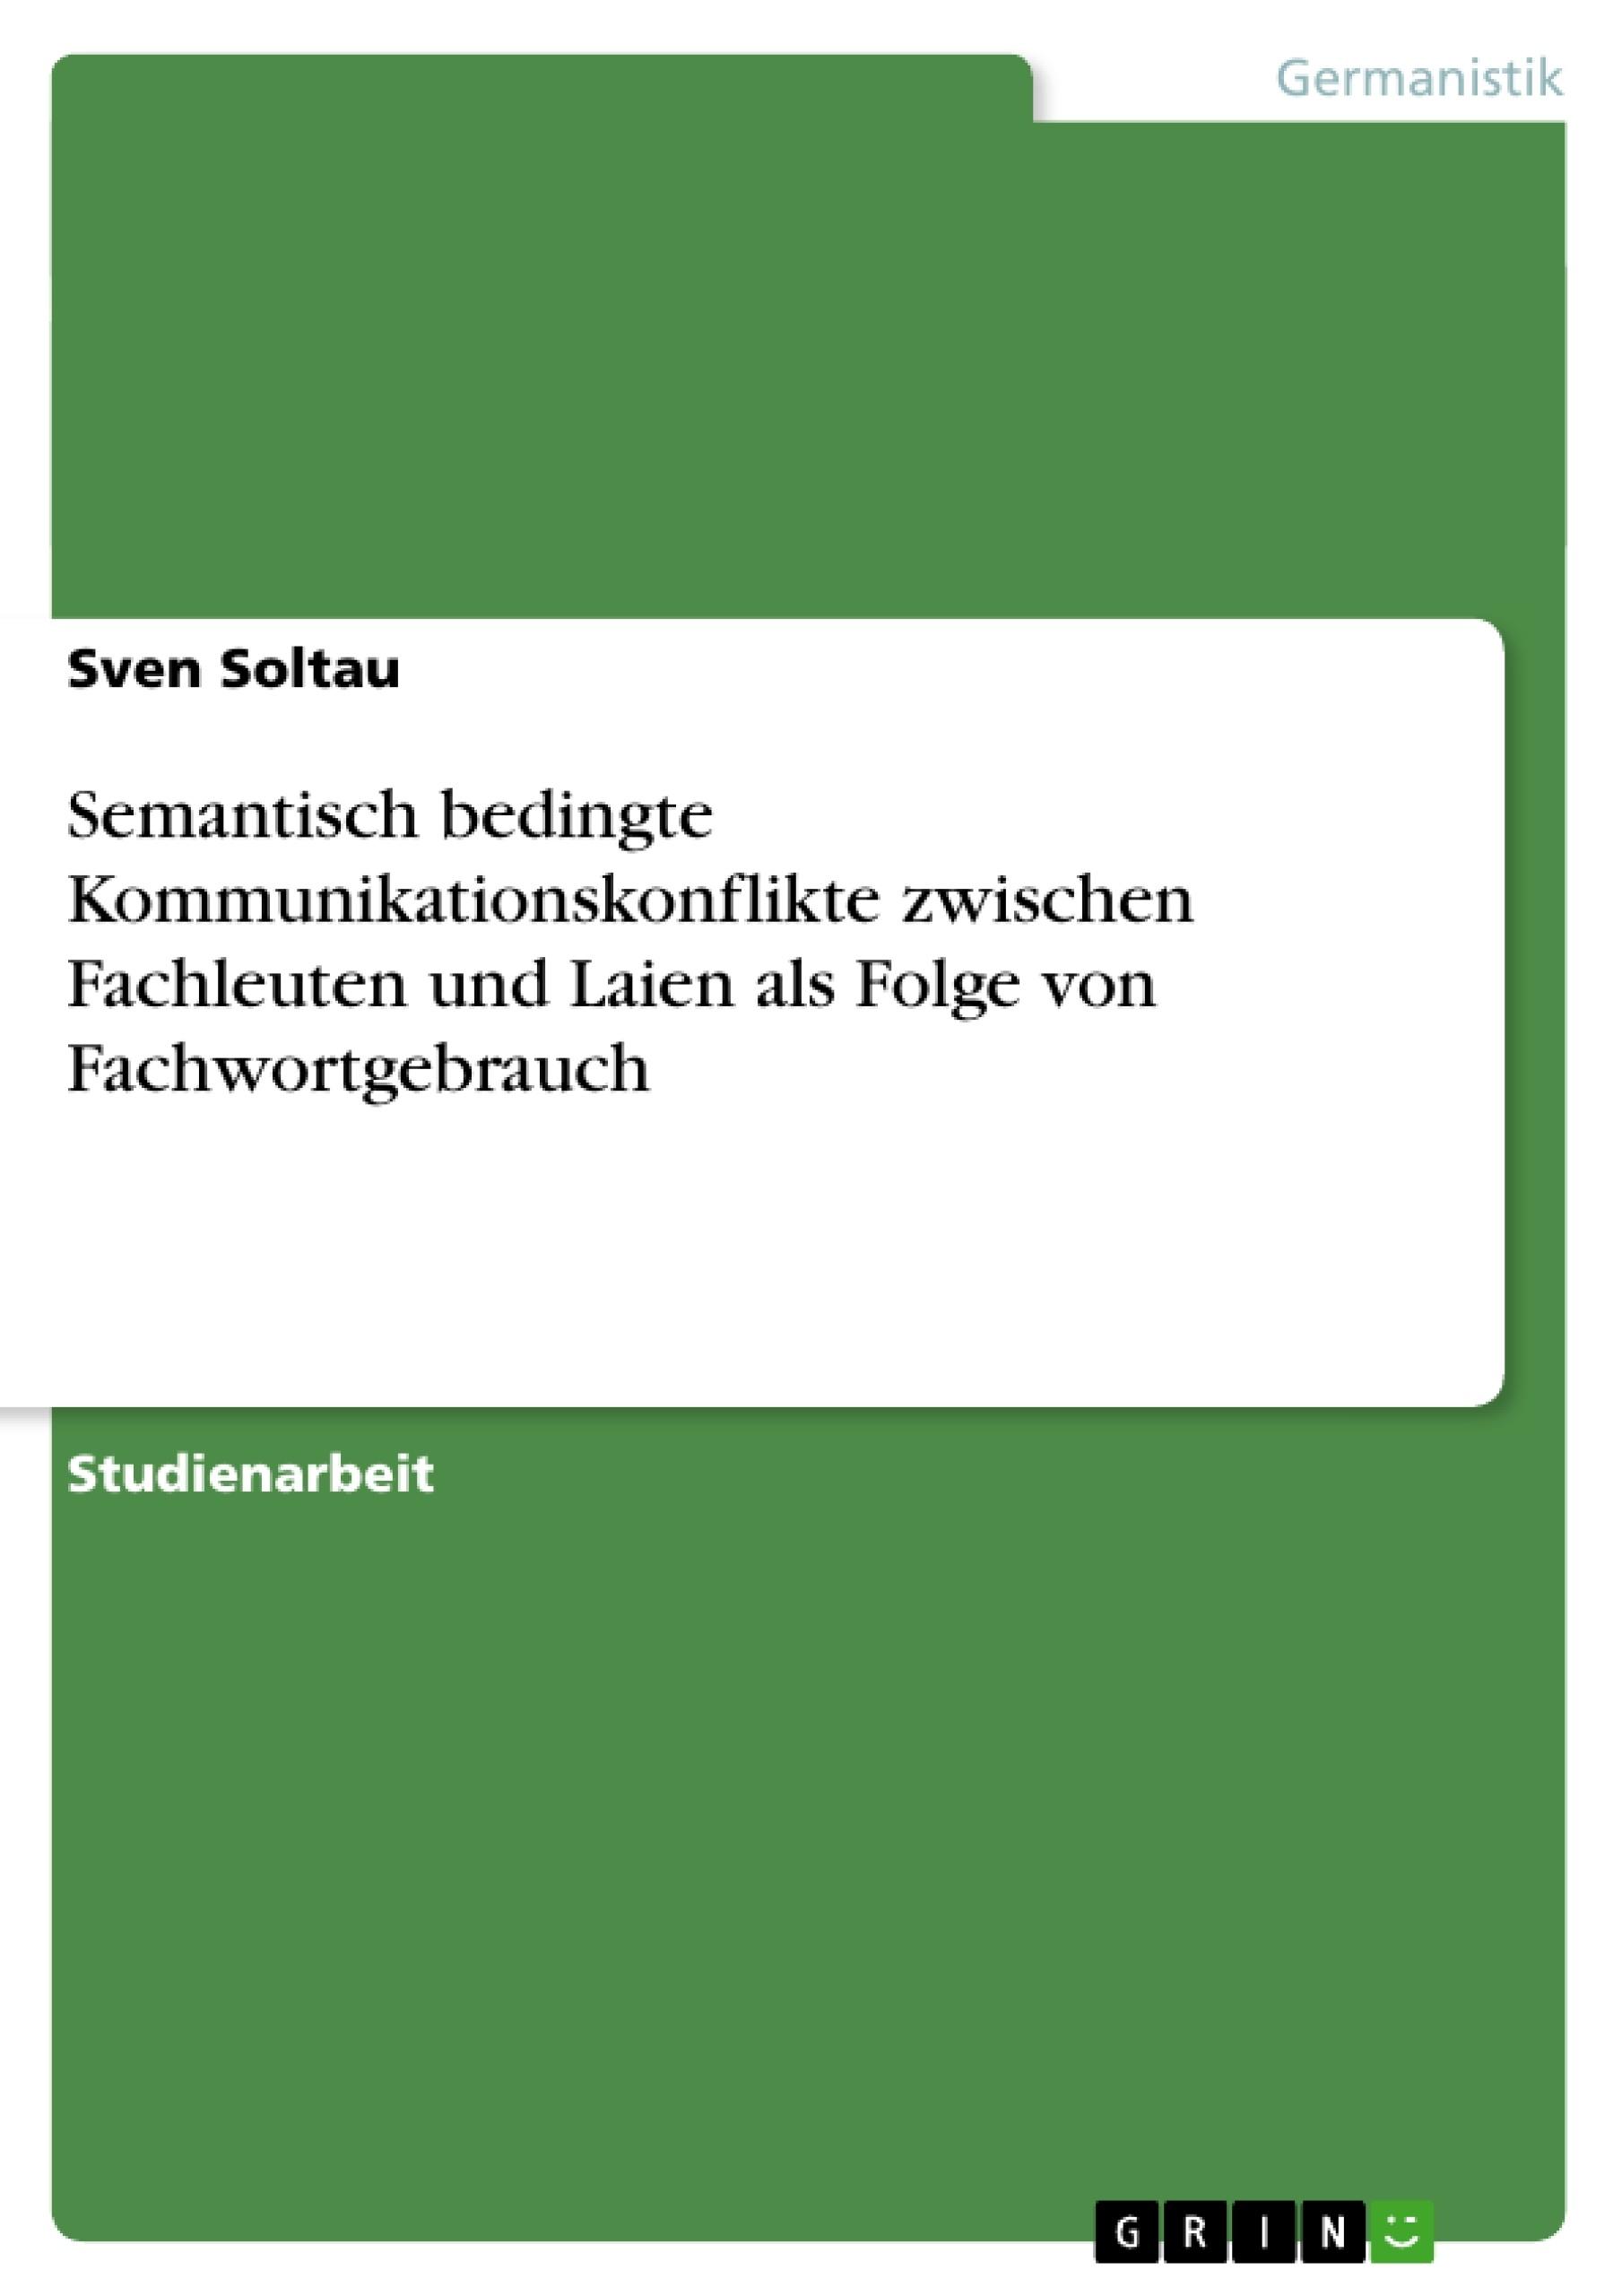 Titel: Semantisch bedingte Kommunikationskonflikte zwischen Fachleuten und Laien als Folge von Fachwortgebrauch